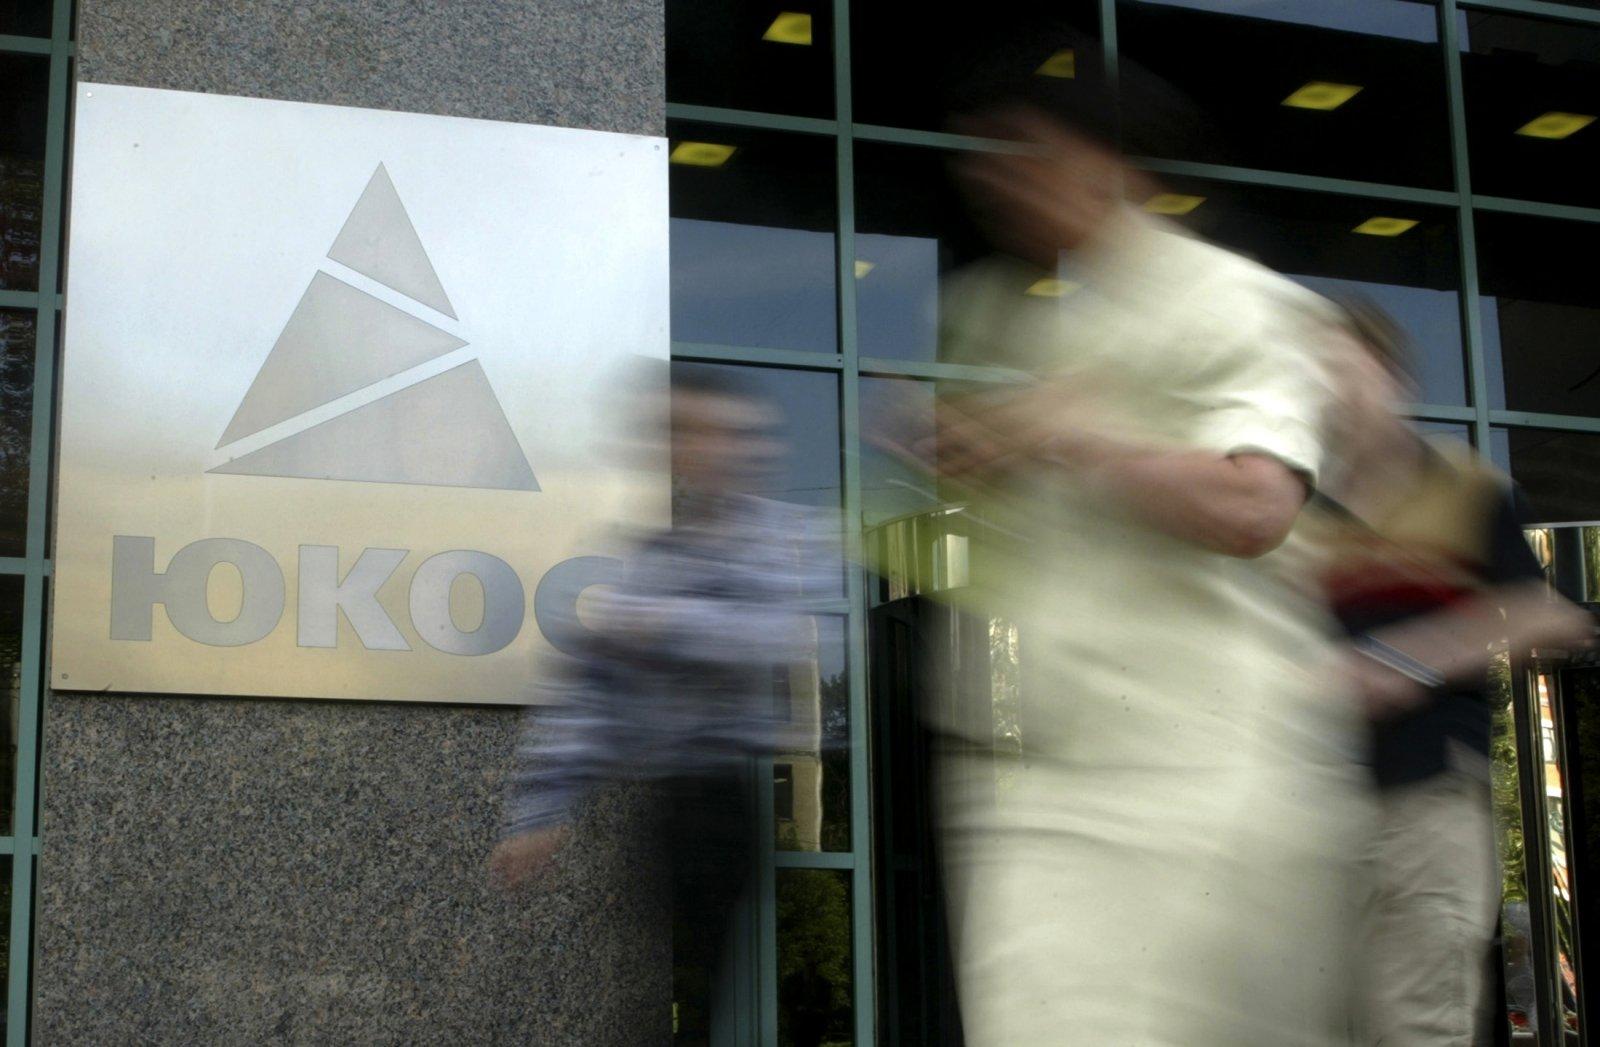 Апелляционный суд Гааги обязал Россию выплатить $50 млрд бывшим акционерам ЮКОС